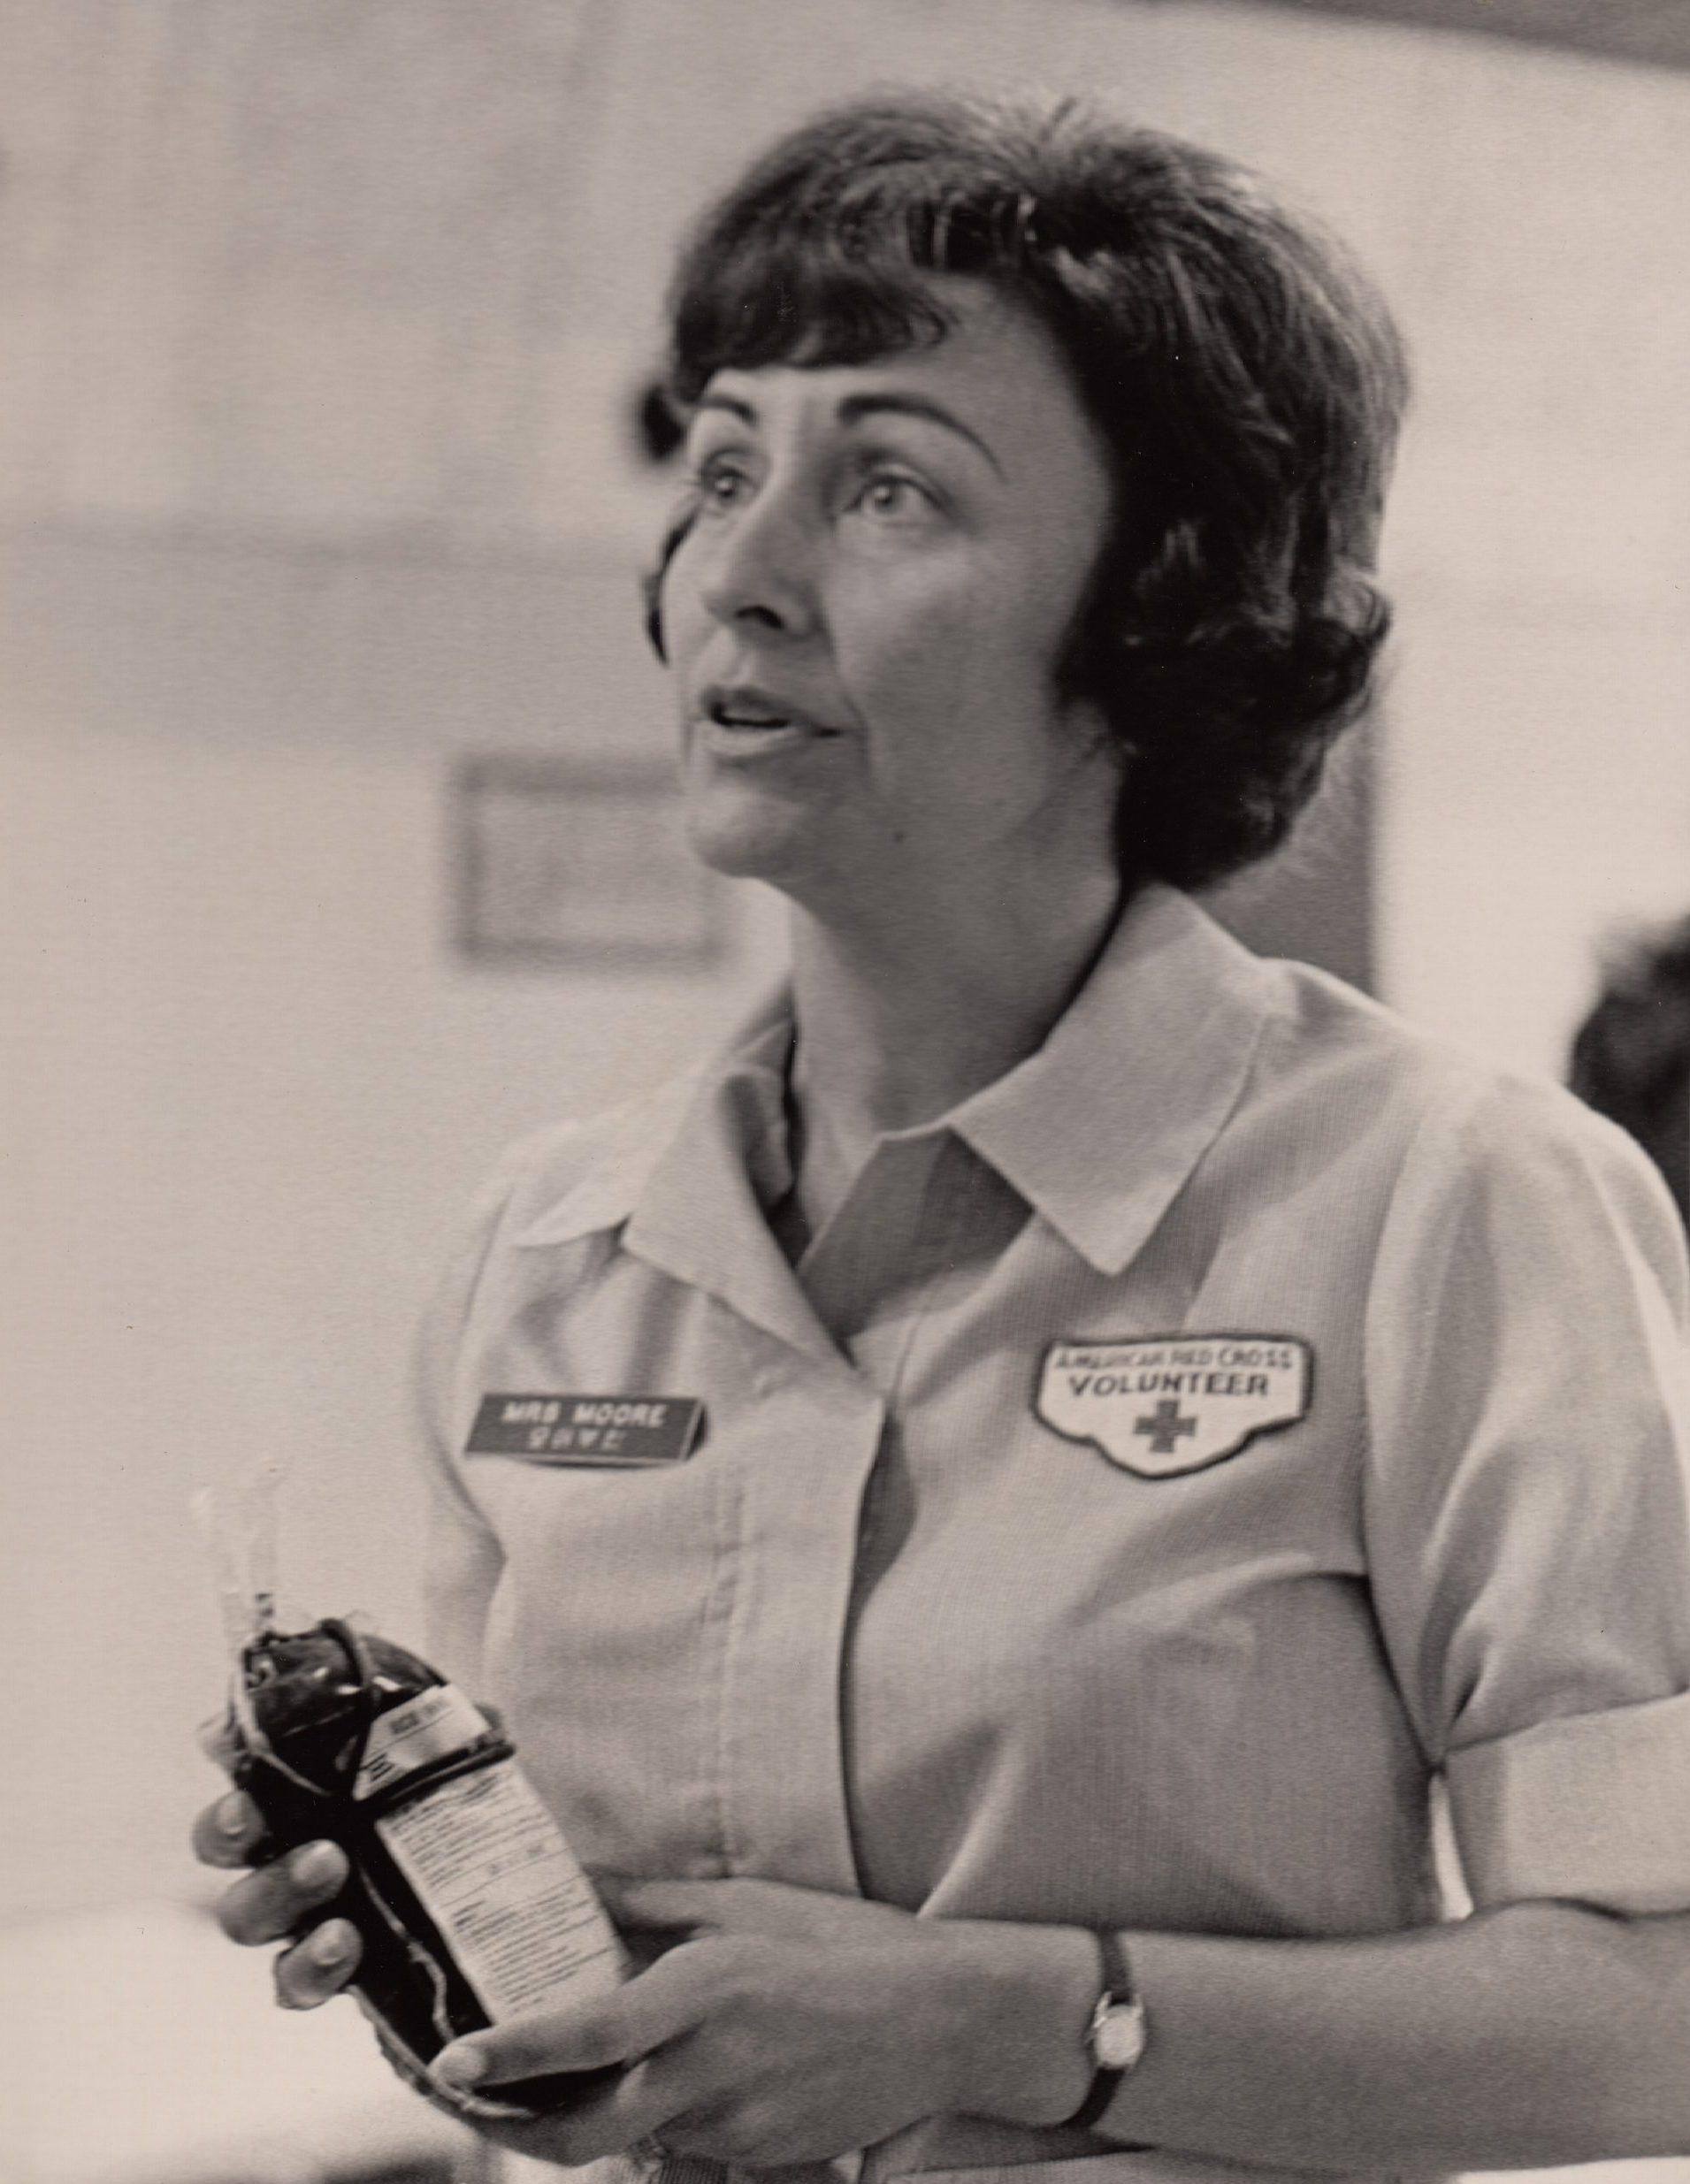 Julie Moore Red Cross Volunteer